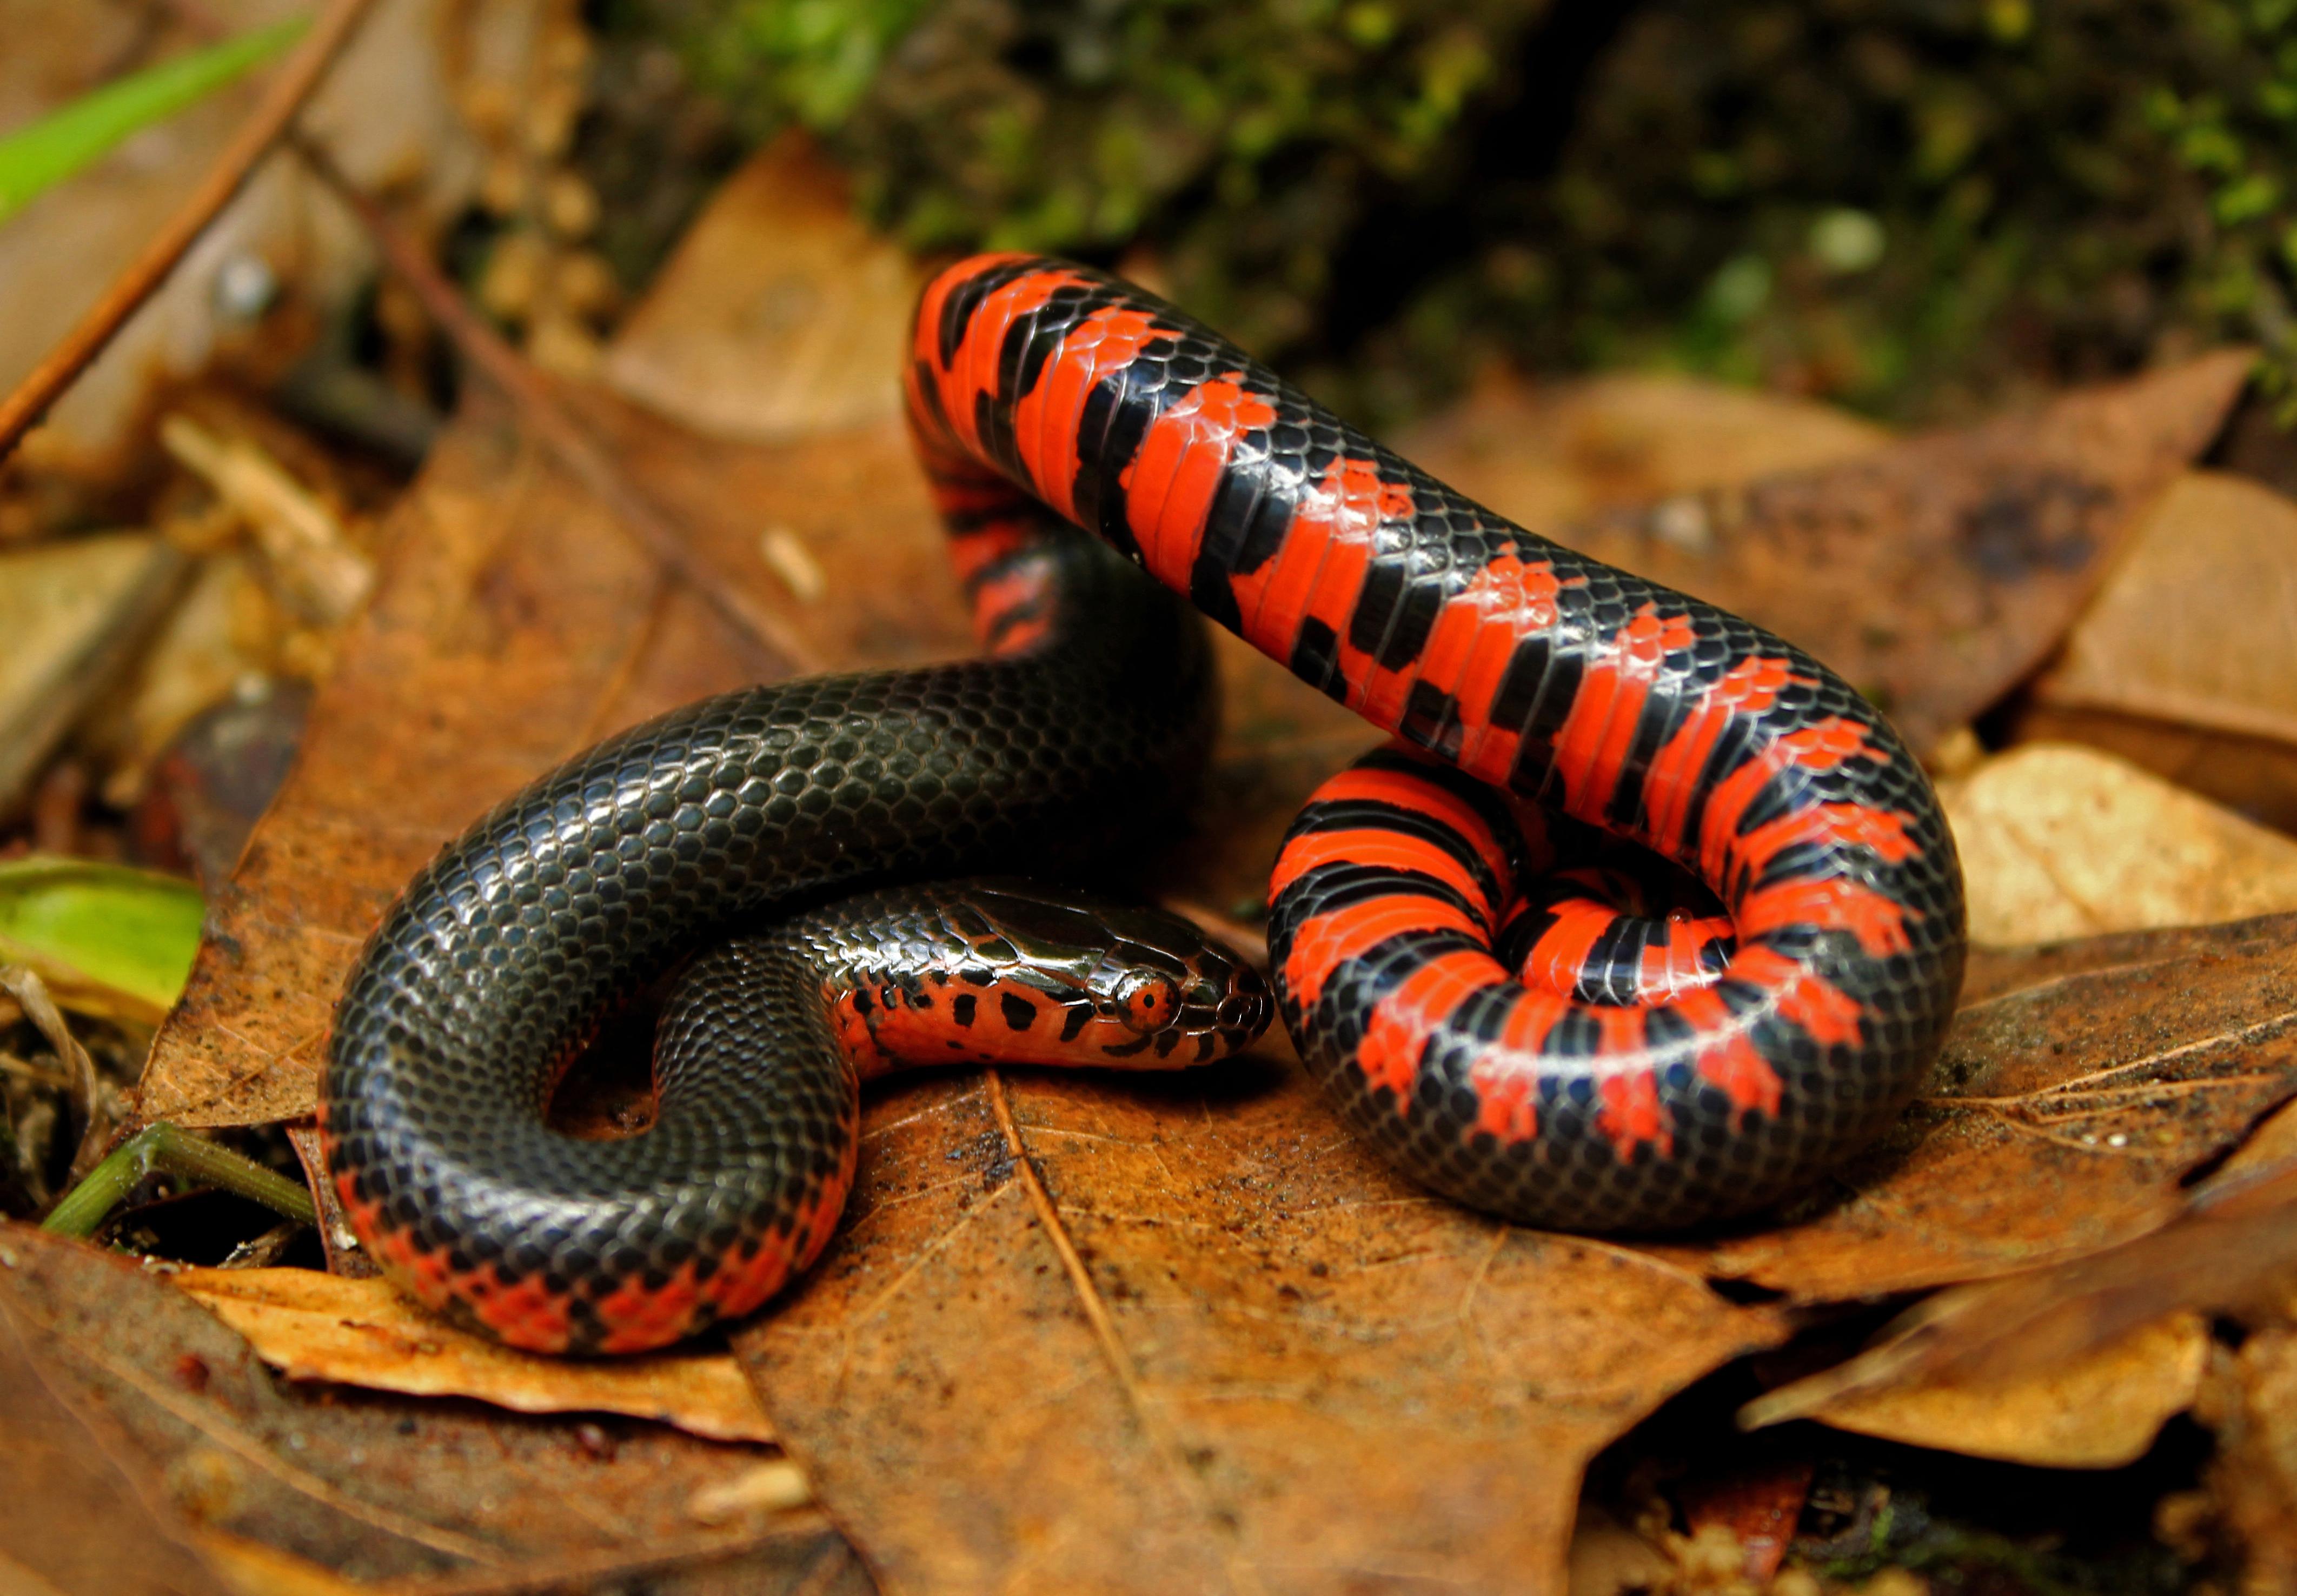 согласились фото картинки змей того